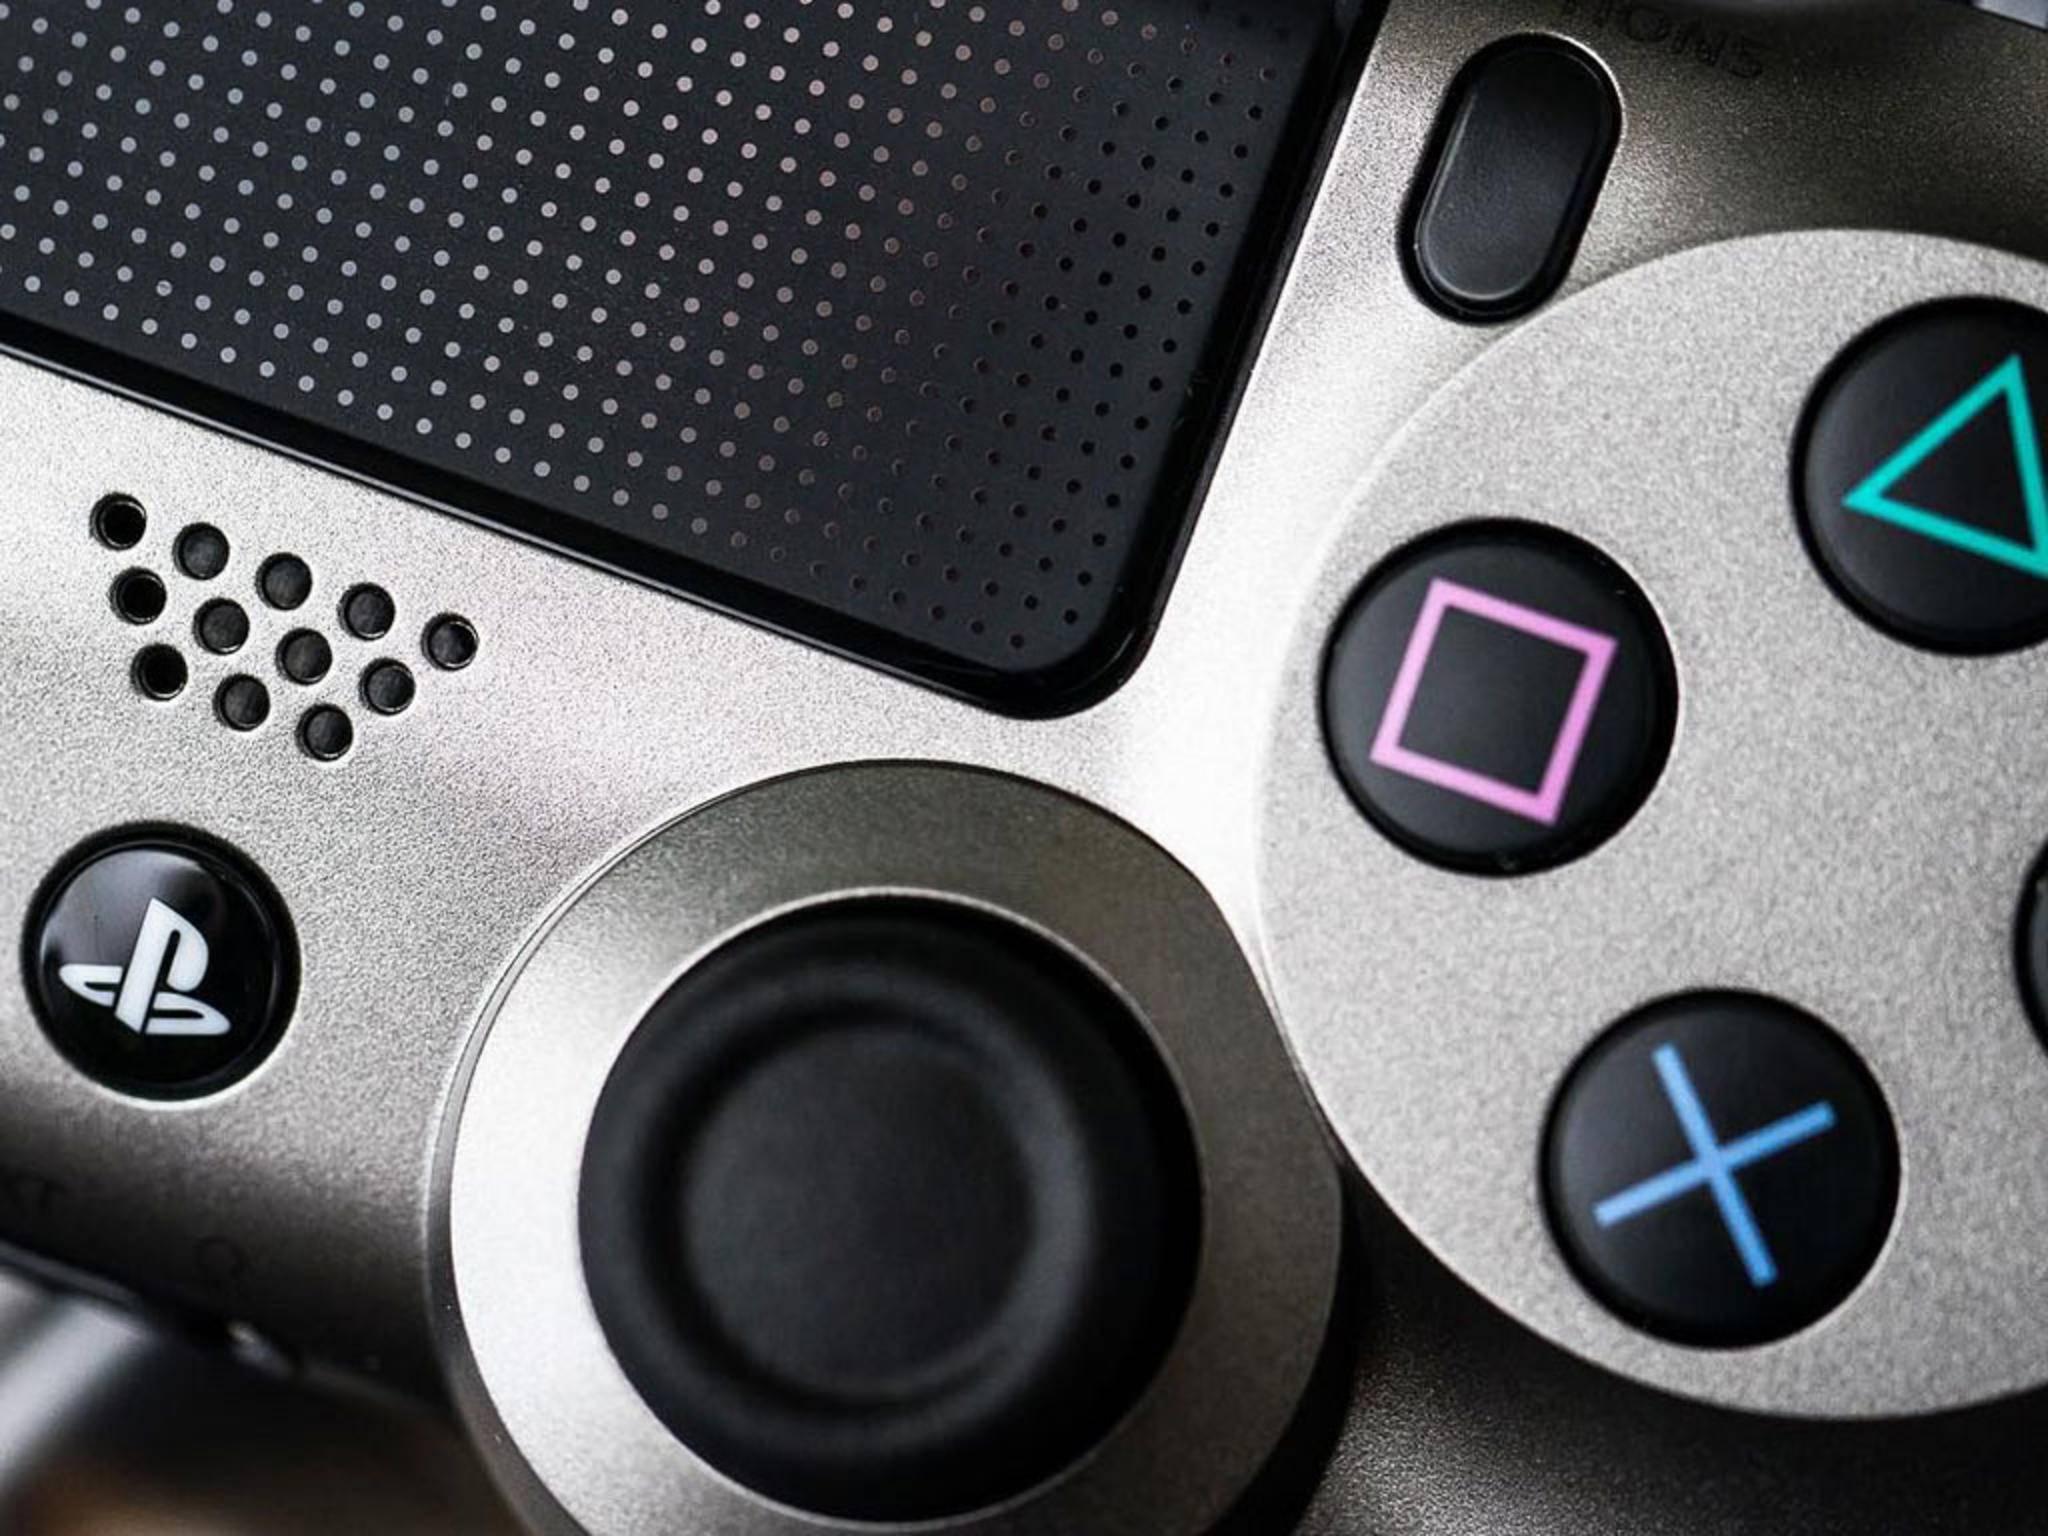 Die PS4 Neo soll es noch in diesem Jahr zu kaufen geben.